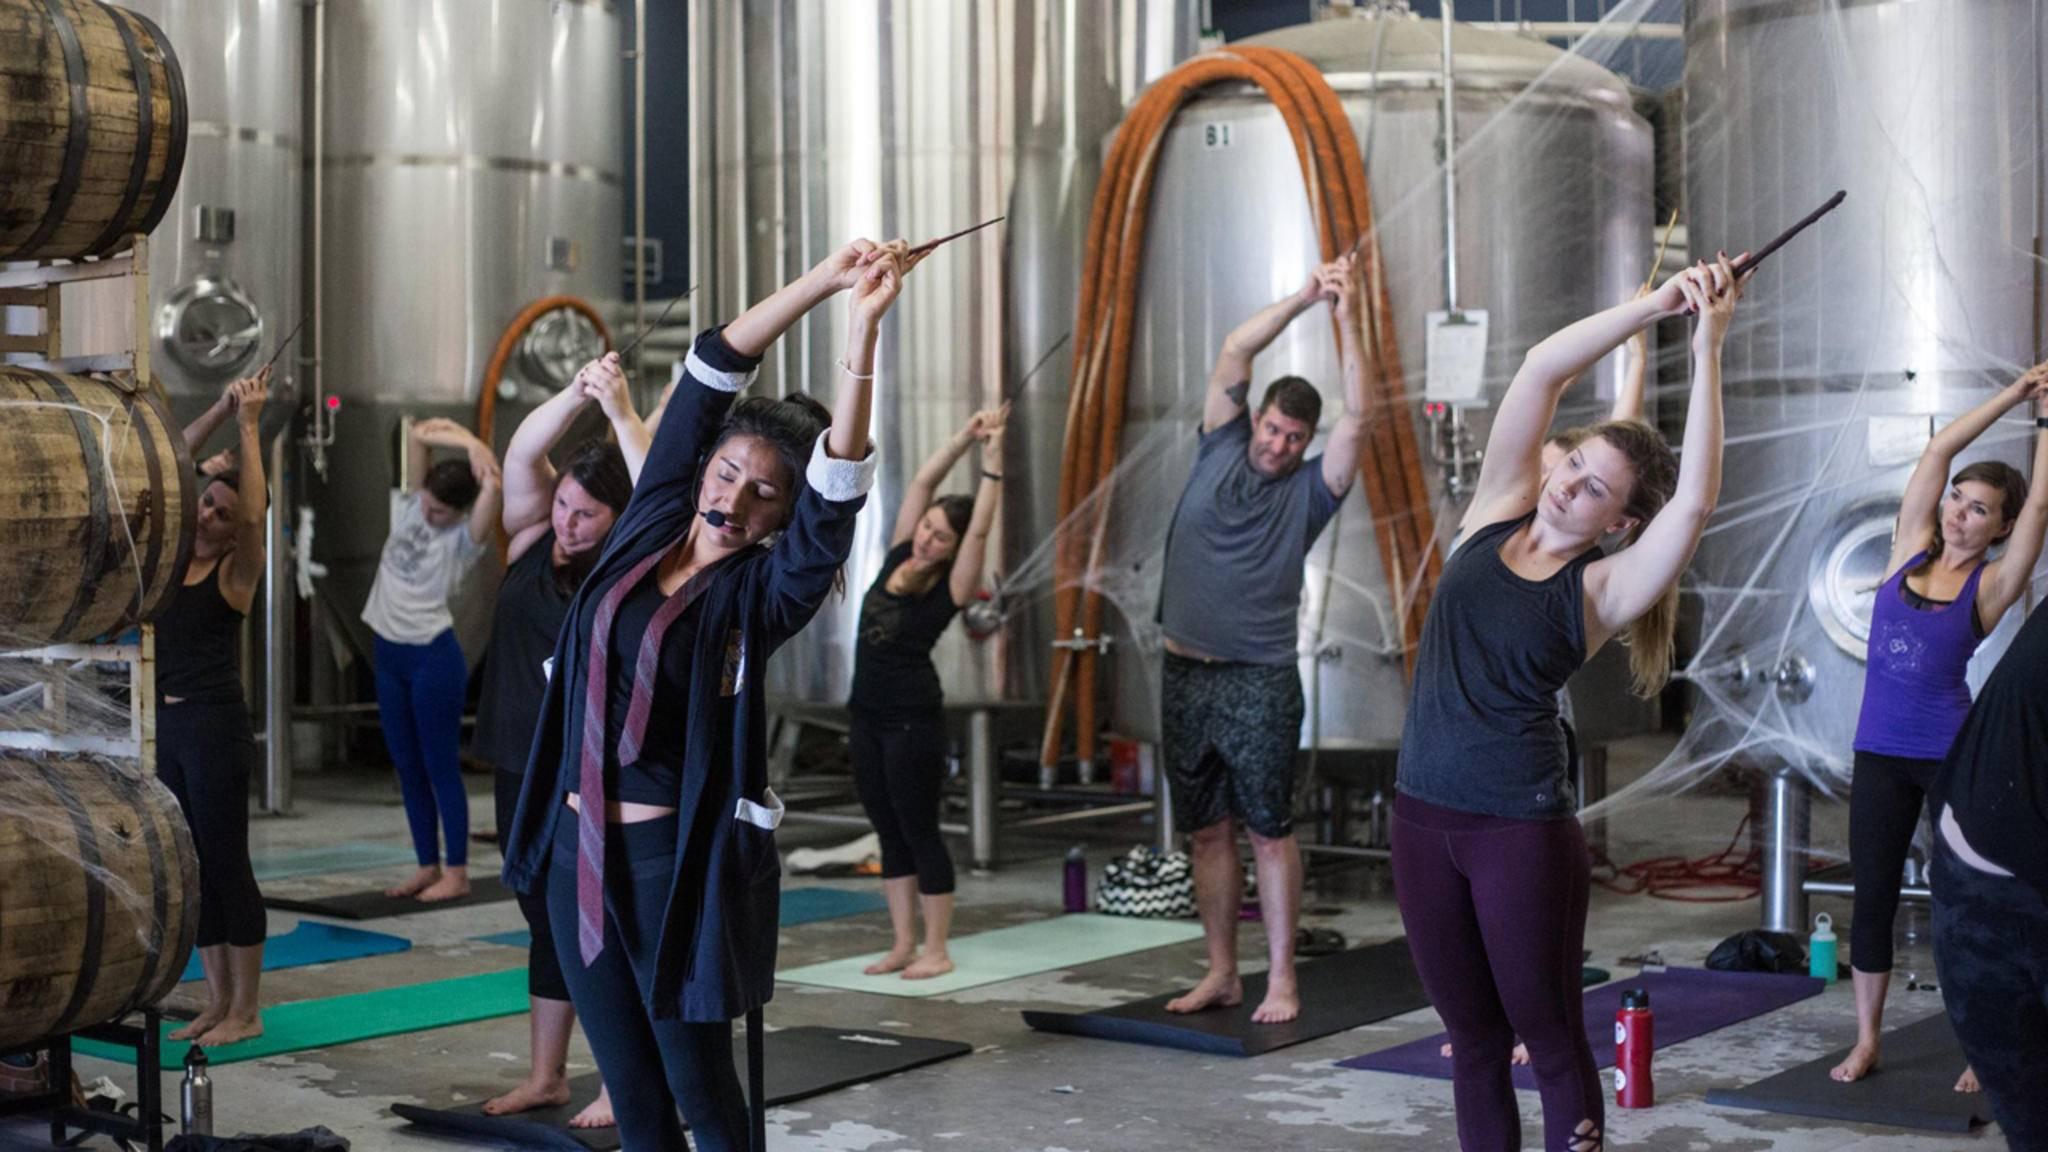 Magisch! Harry Potter und Yoga sieht nach einer gelungenen Kombination aus...